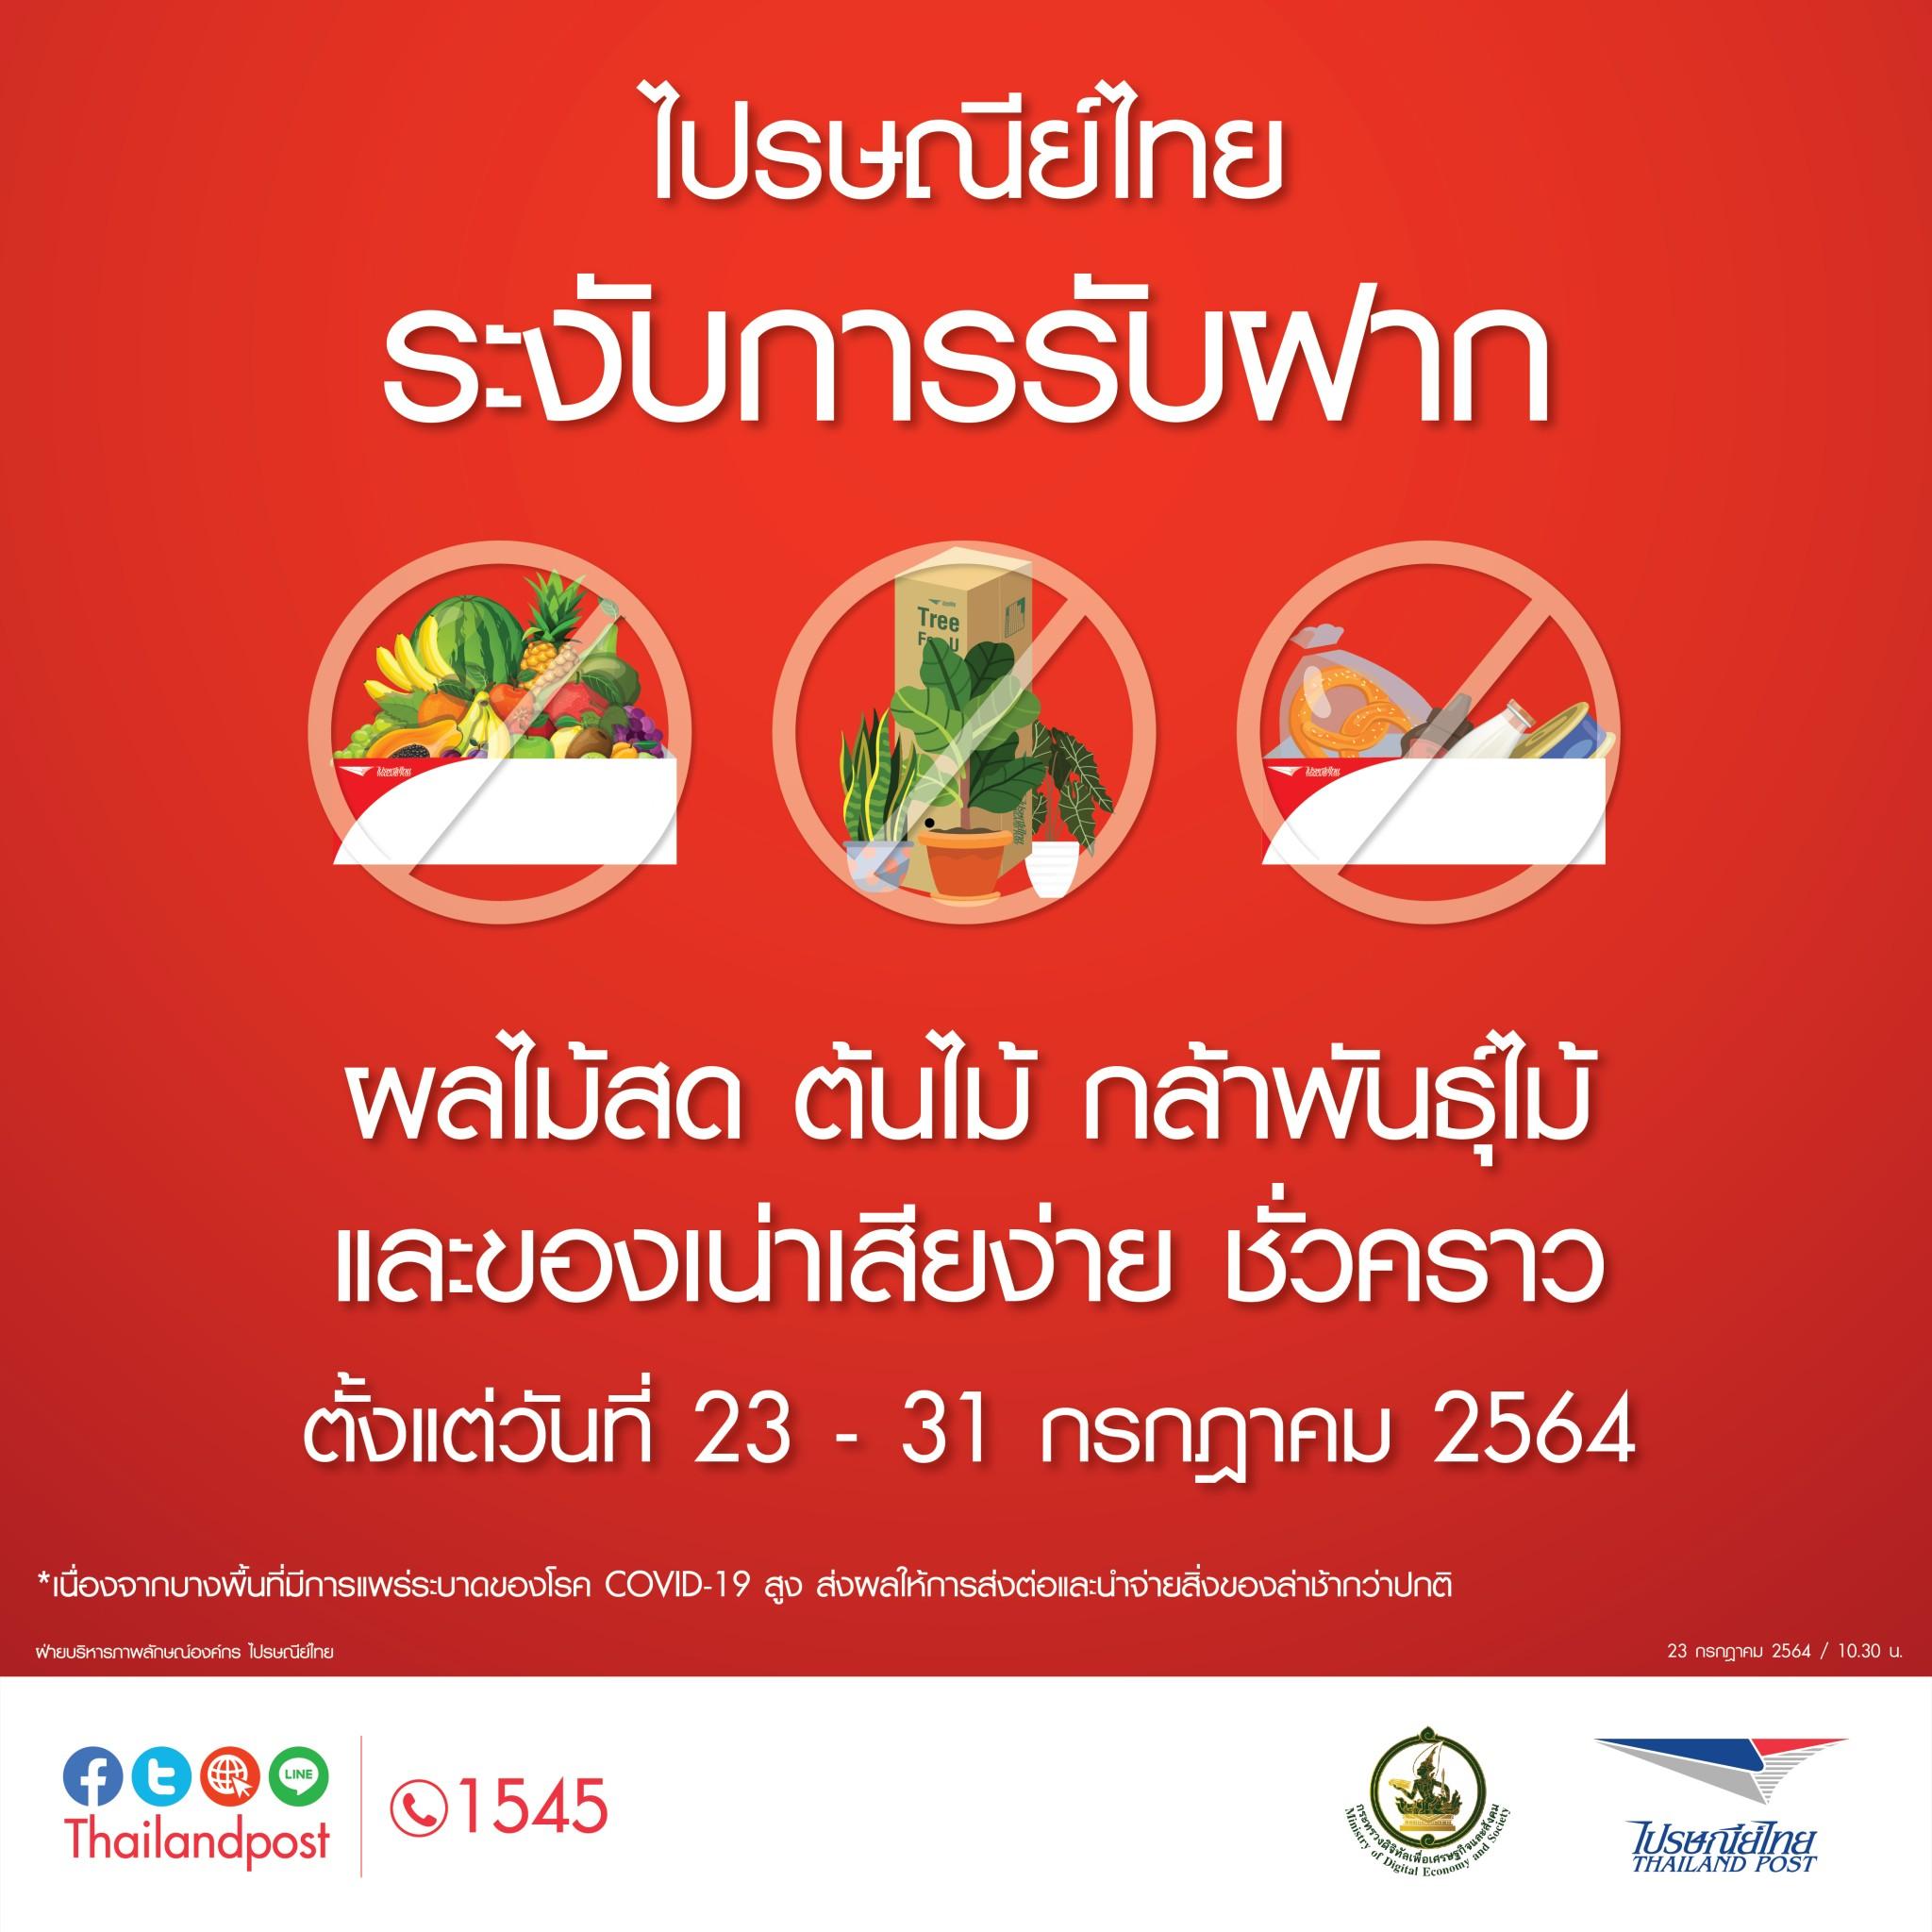 ไปรษณีย์ไทย ระงับการฝากส่งผลไม้ ต้นไม้ กล้าพันธุ์ไม้ และของเน่าเสียง่ายชั่วคราว ตั้งแต่วันที่ 23 - 31 กรกฎาคม 2564